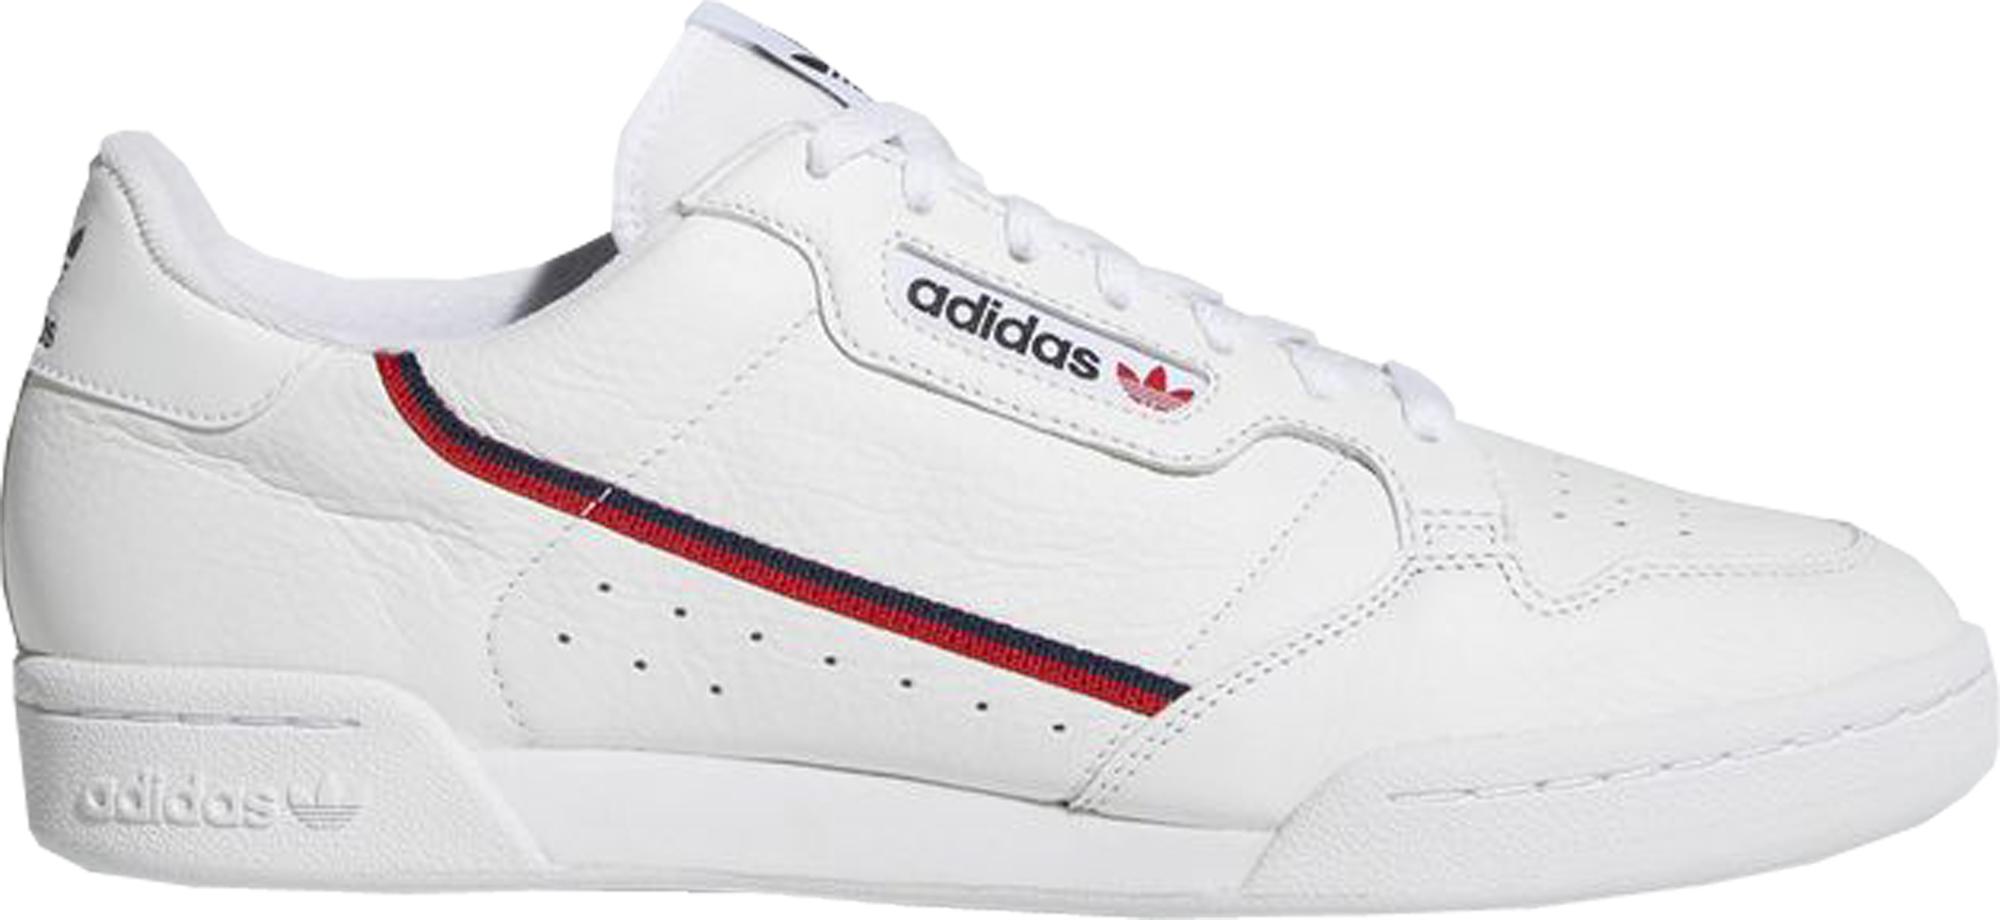 adidas Rascal White Scarlet Navy